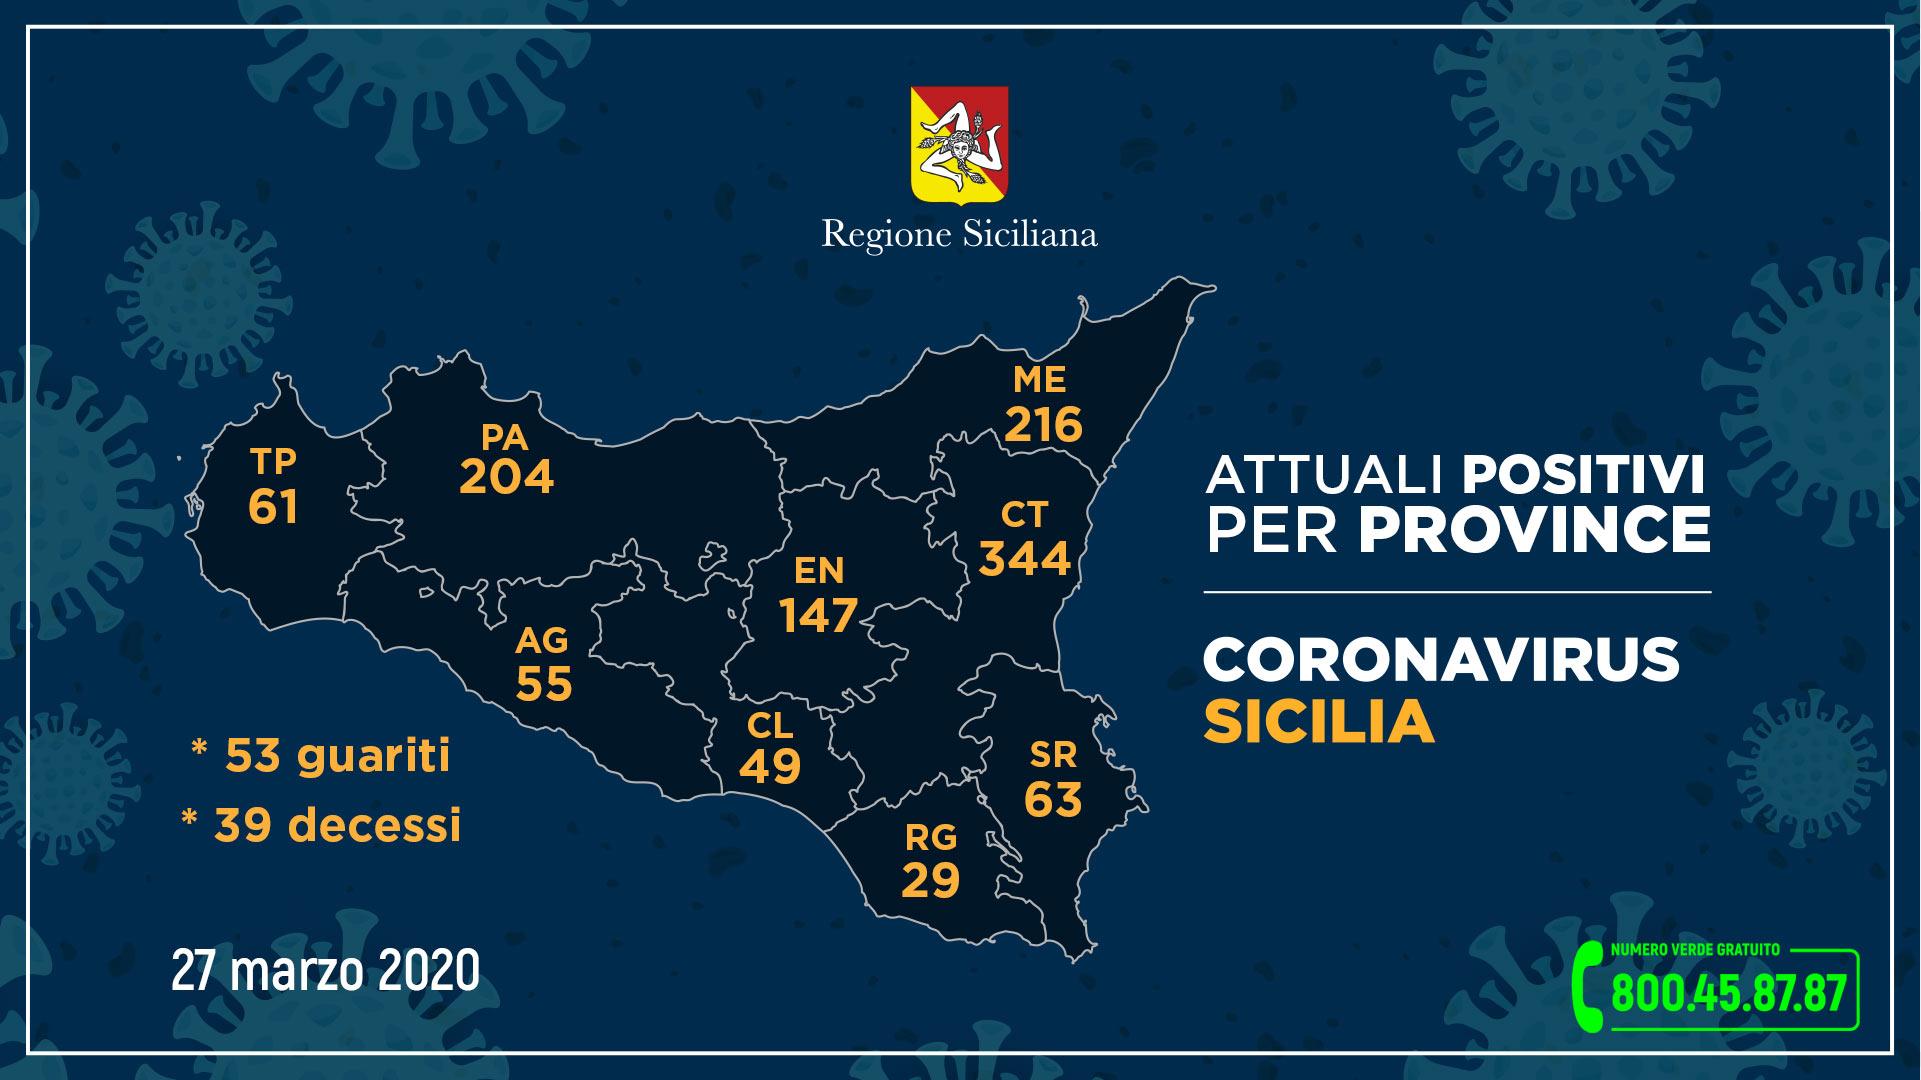 Sicilia. Coronavirus, rallenta contagio: 1260 casi, 53 guariti. A Messina 216, 4 in più ma 11 morti